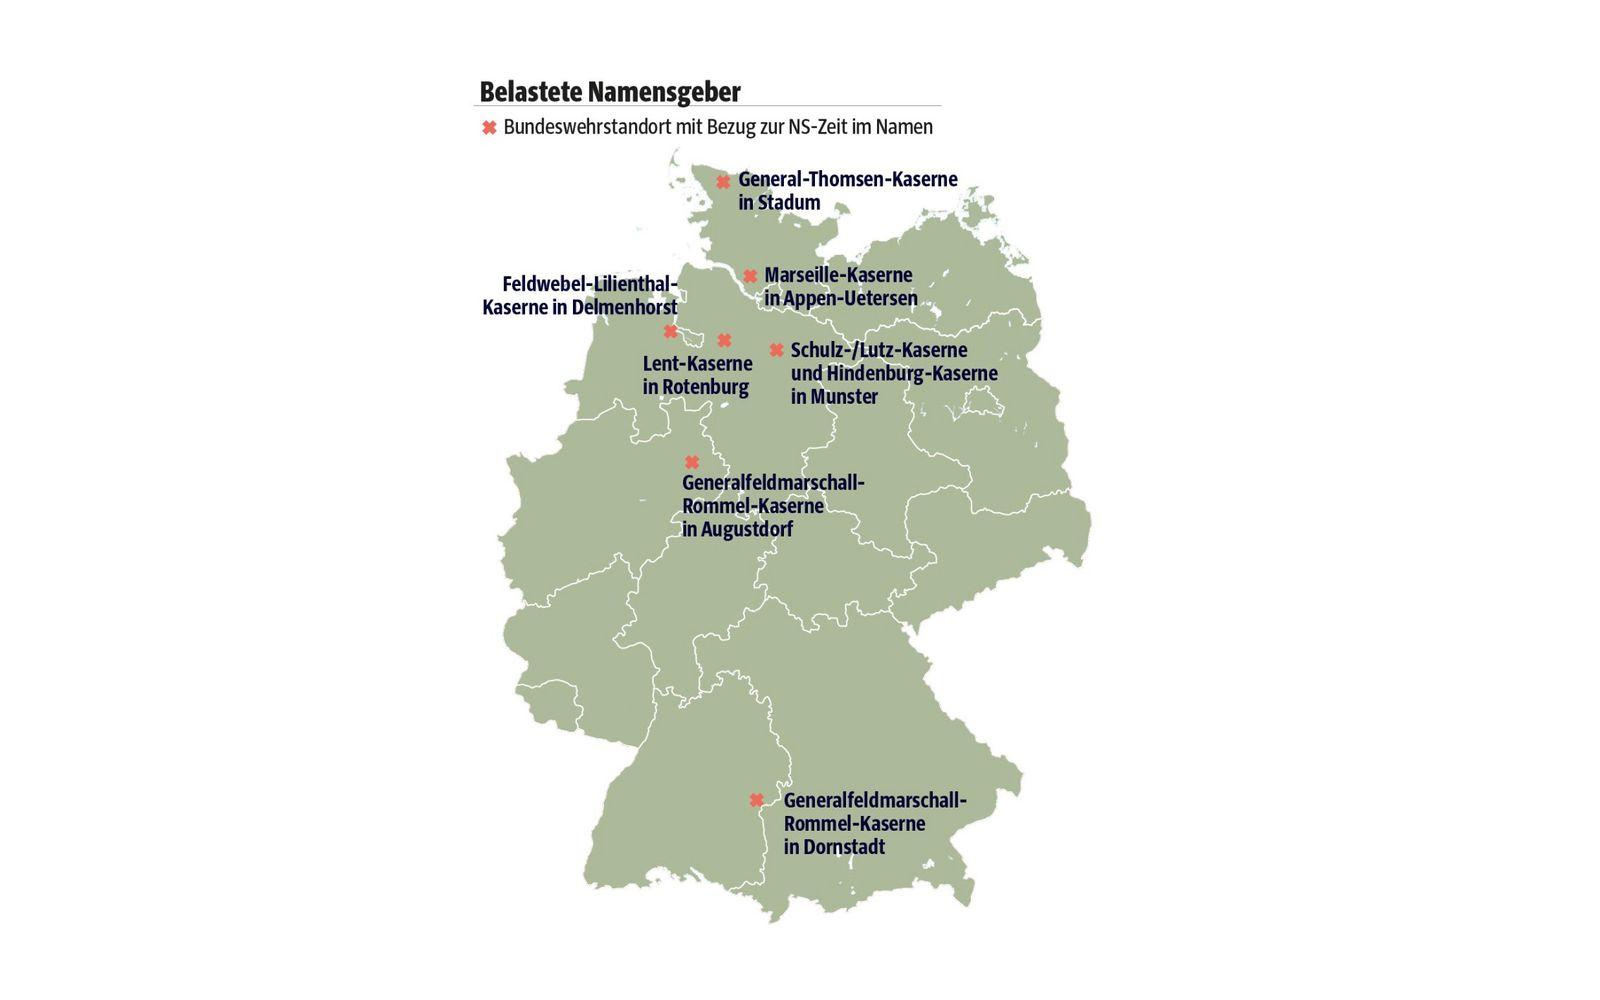 Karte/ Wehrmachtskasernen